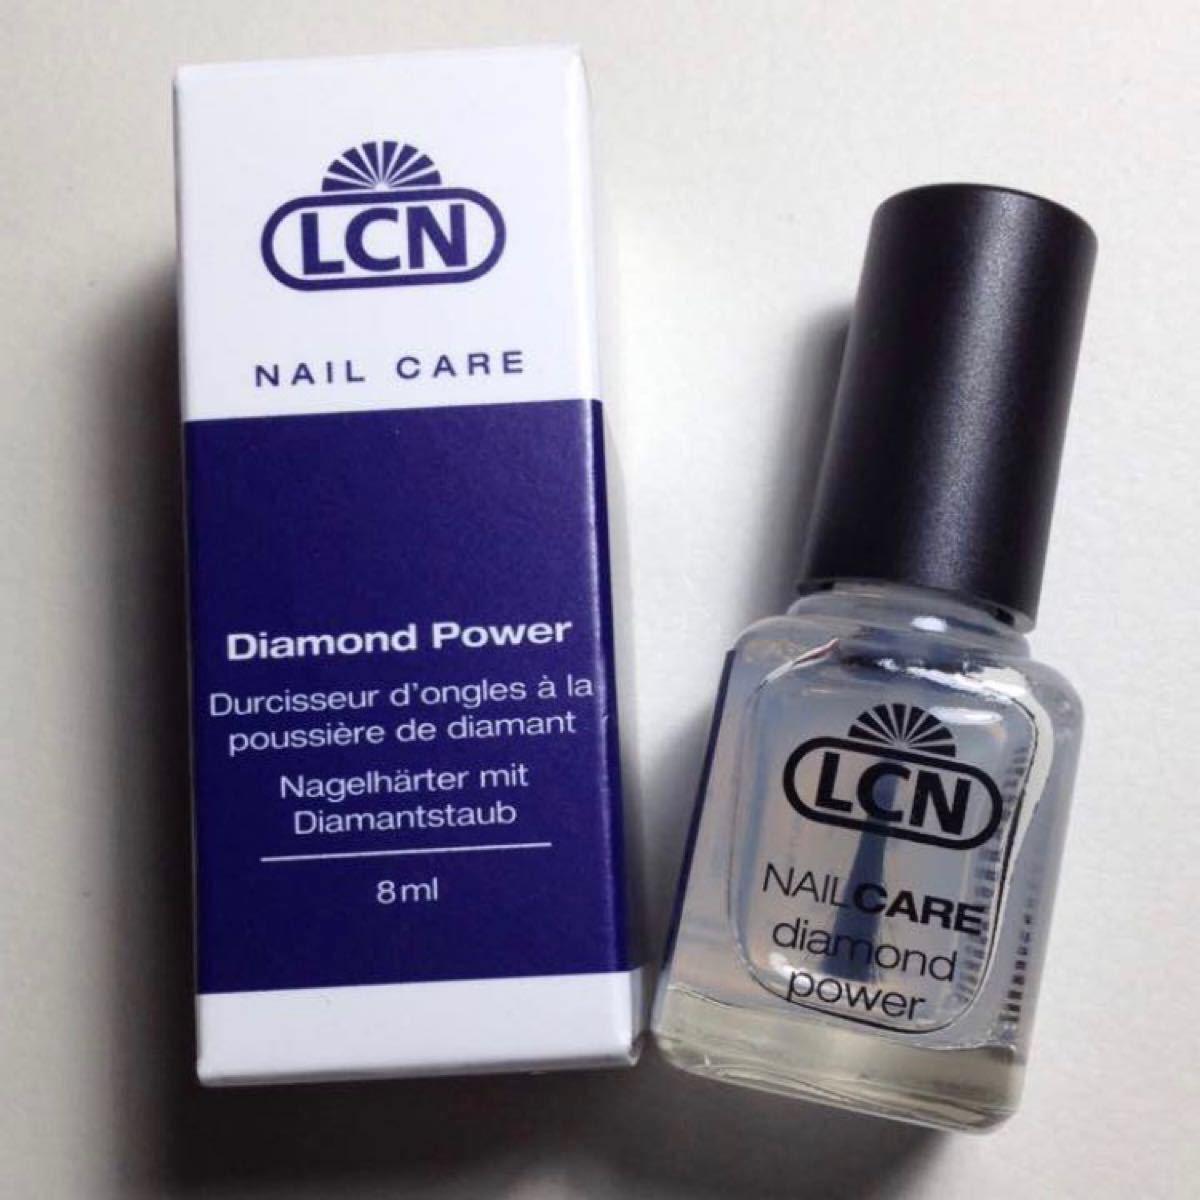 LCNダイヤモンドパワー2本・ビューティーフットプロ・新品未使用